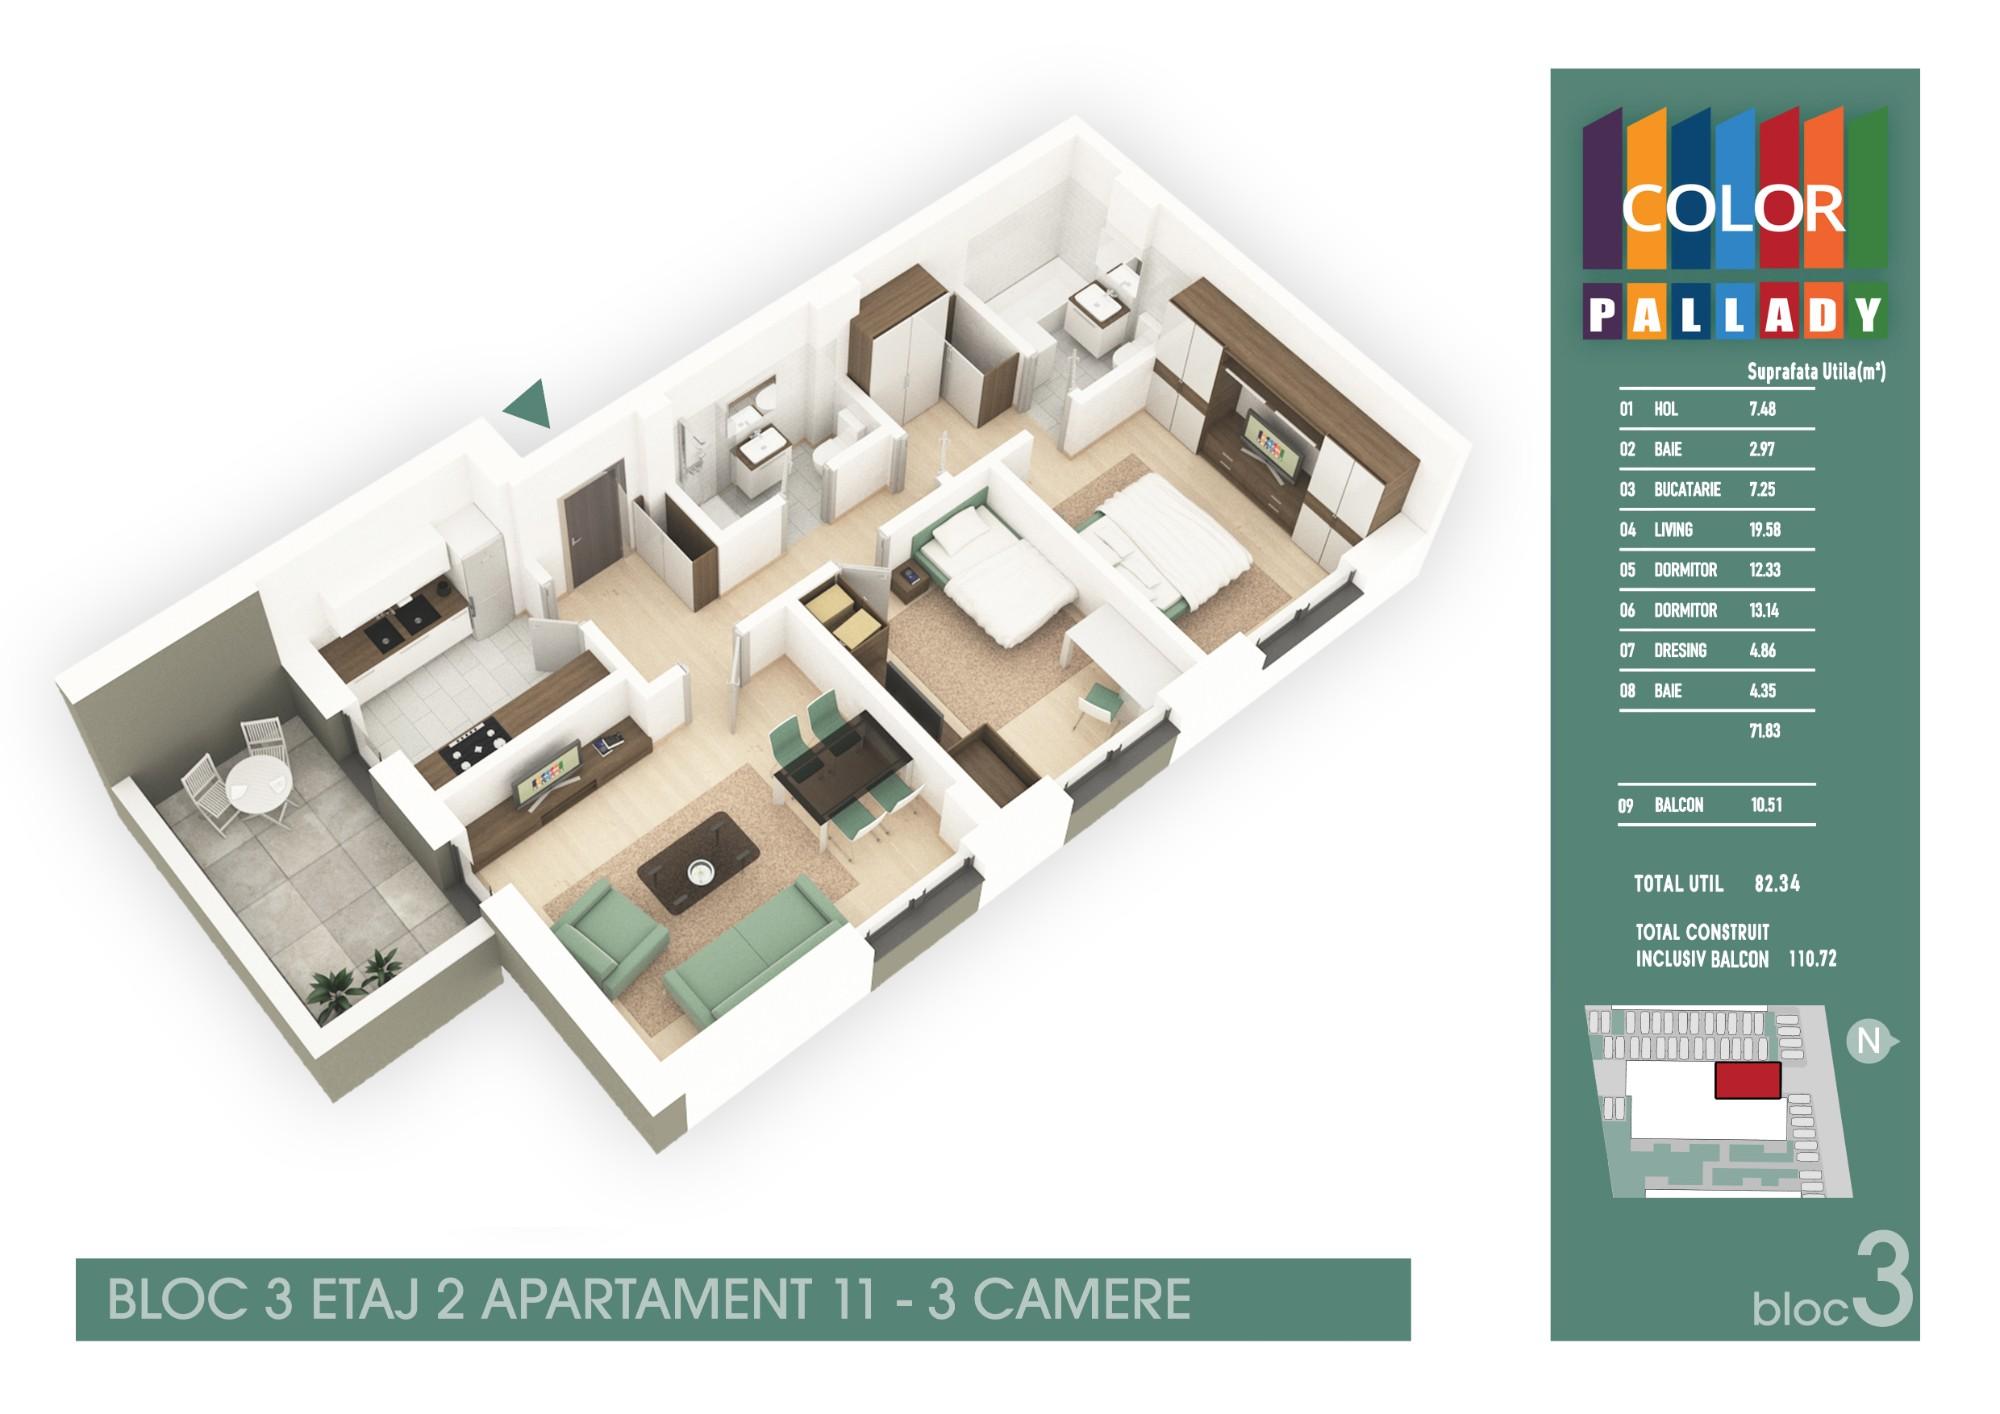 Bloc 3 - Etaj 2 - Apartament 11